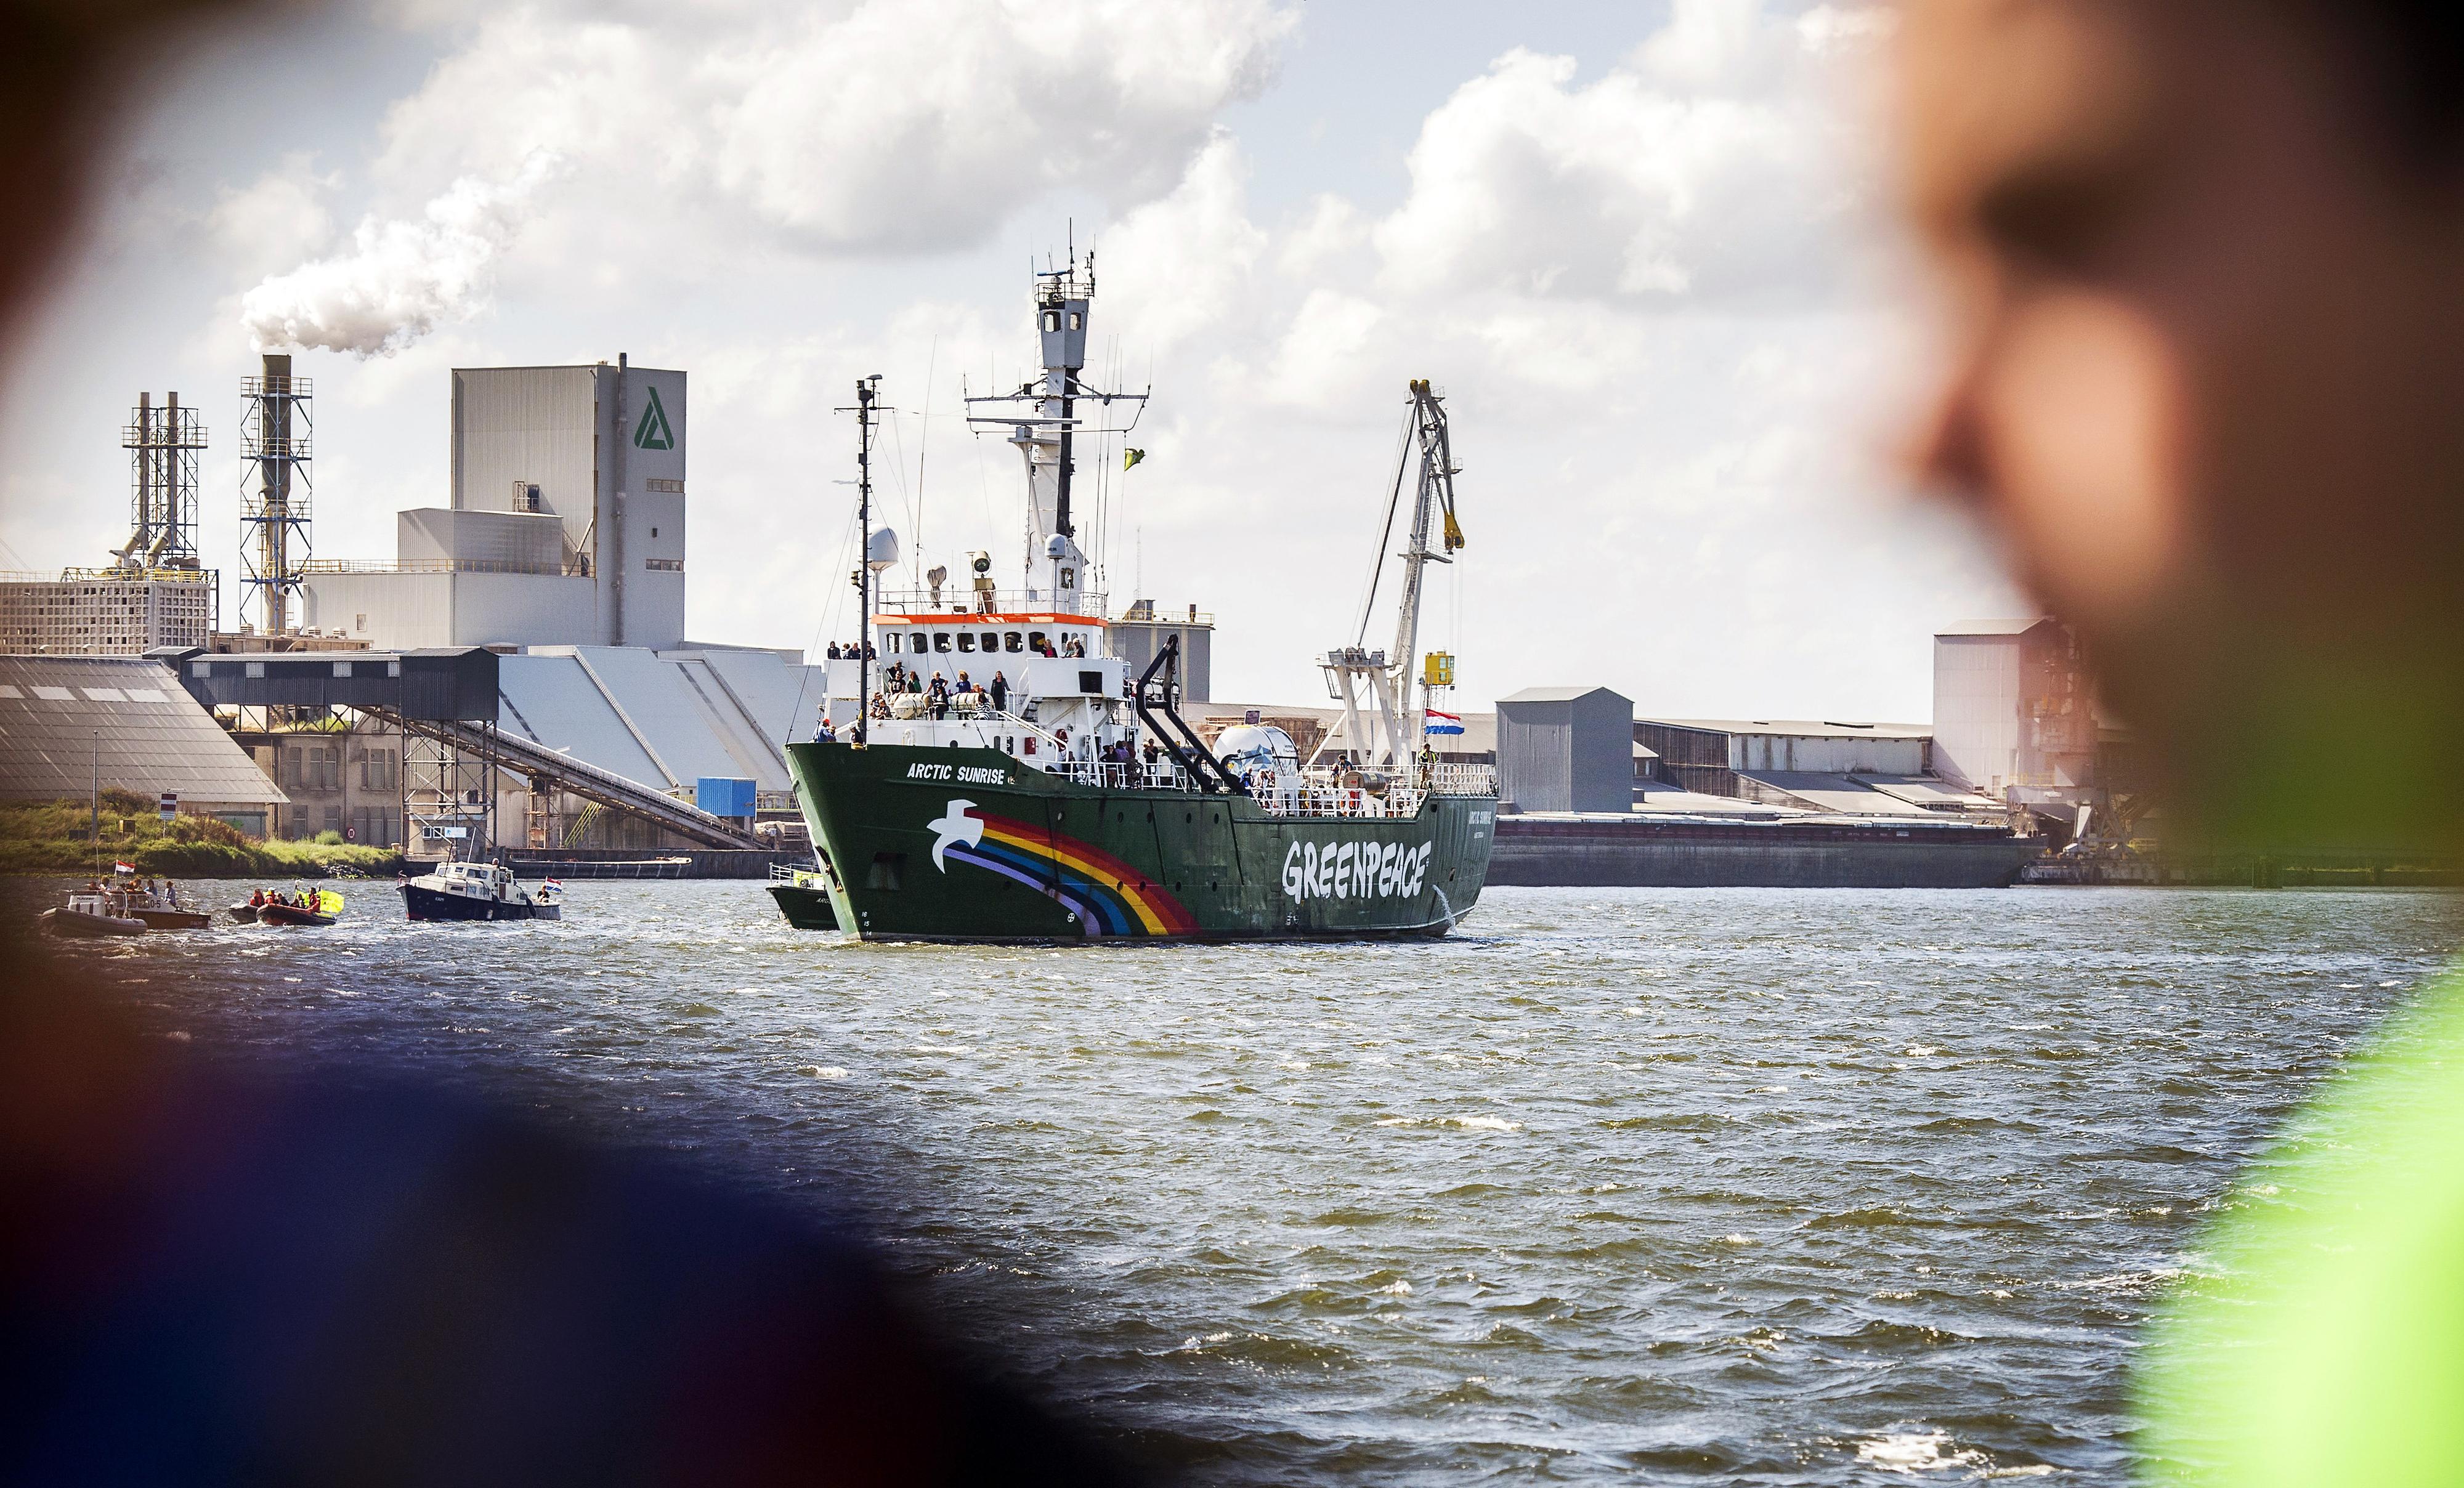 Rússia recusa pagar indemnização por ter apresado navio da Greenpeace